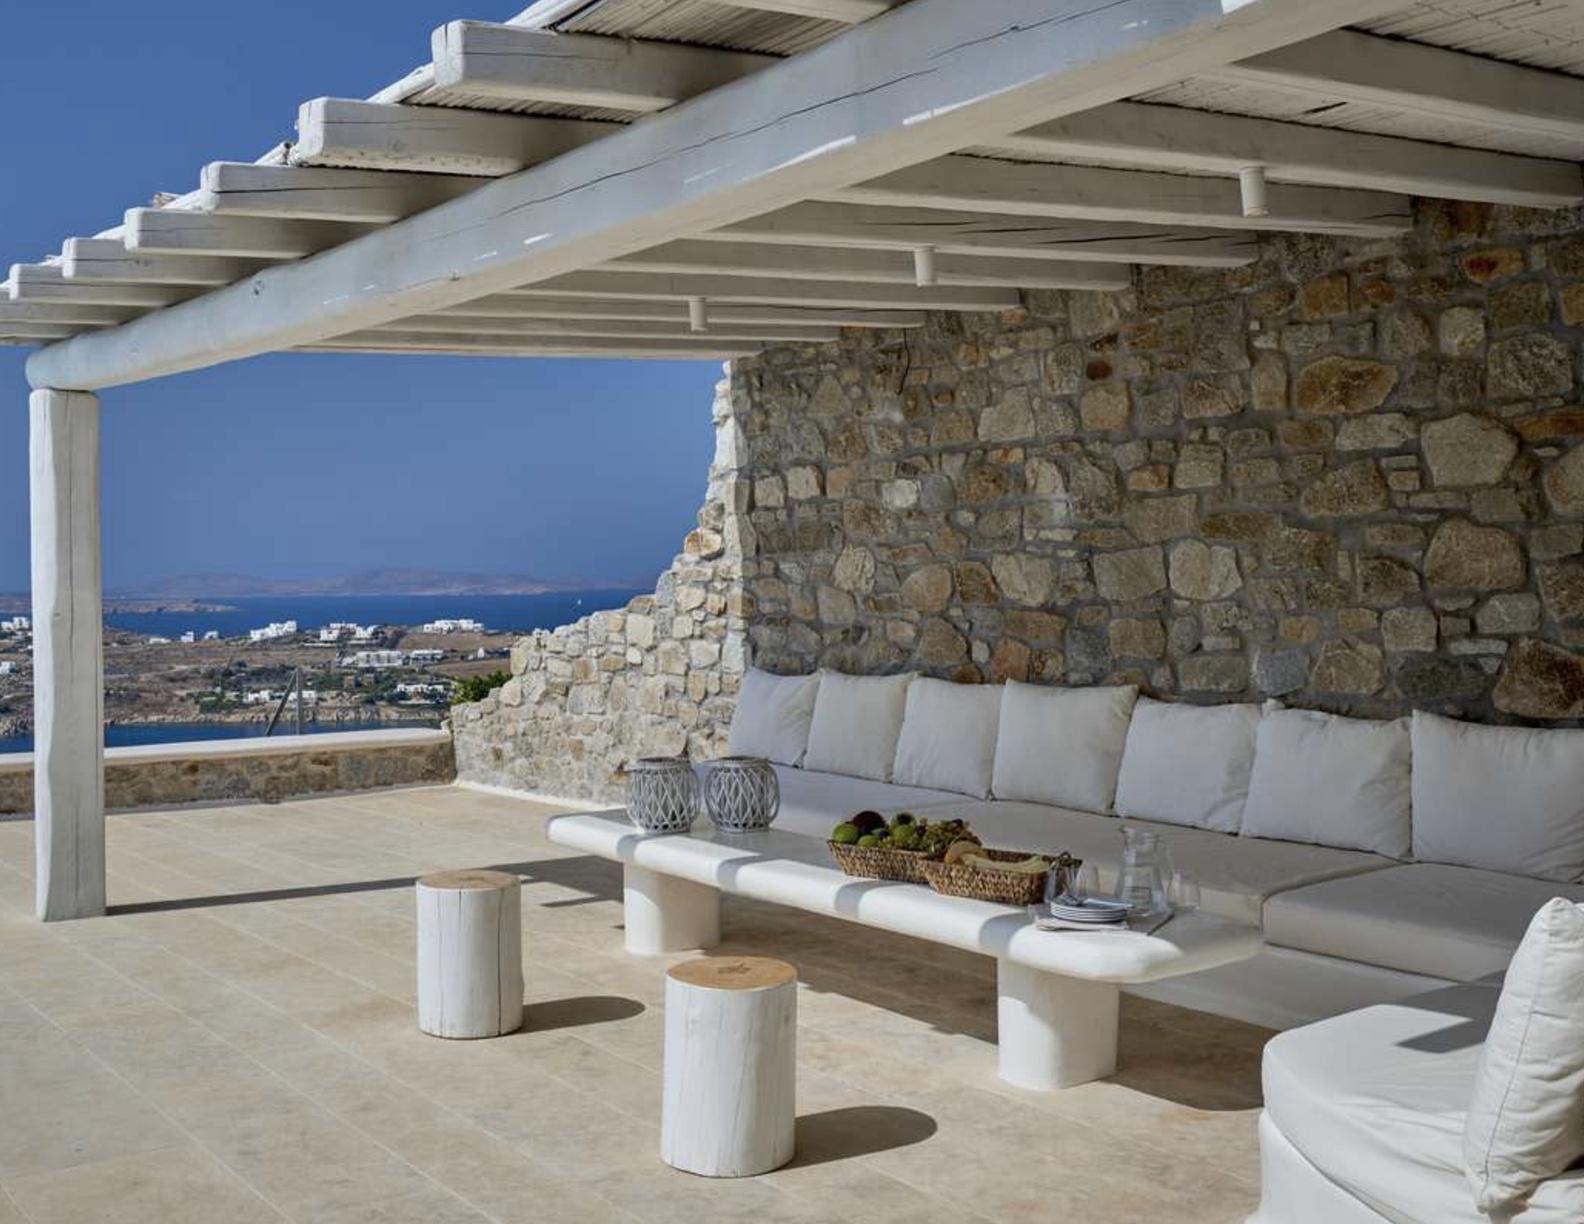 Villa-Era-Mykonos-ilovepdf-compressed-013